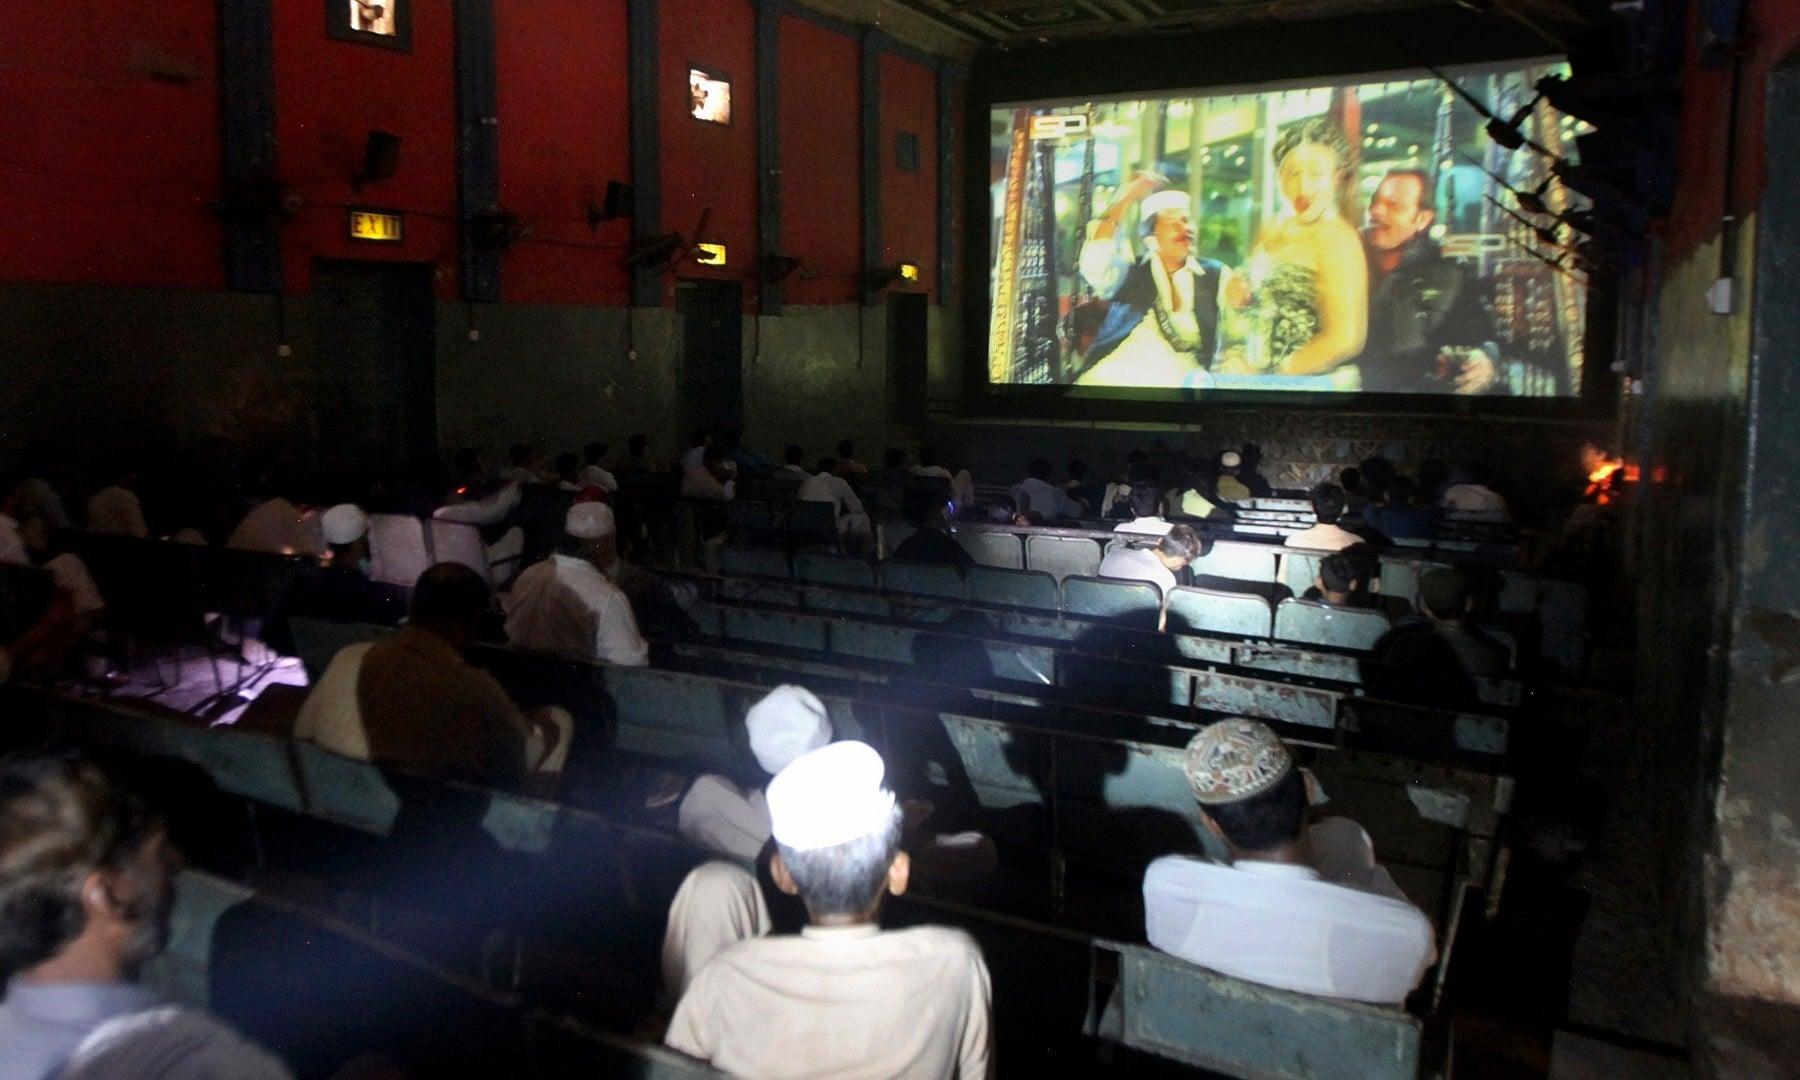 پشاور میں عوام سینما میں فلم دیکھ رہی ہے۔ فوٹو: اے پی